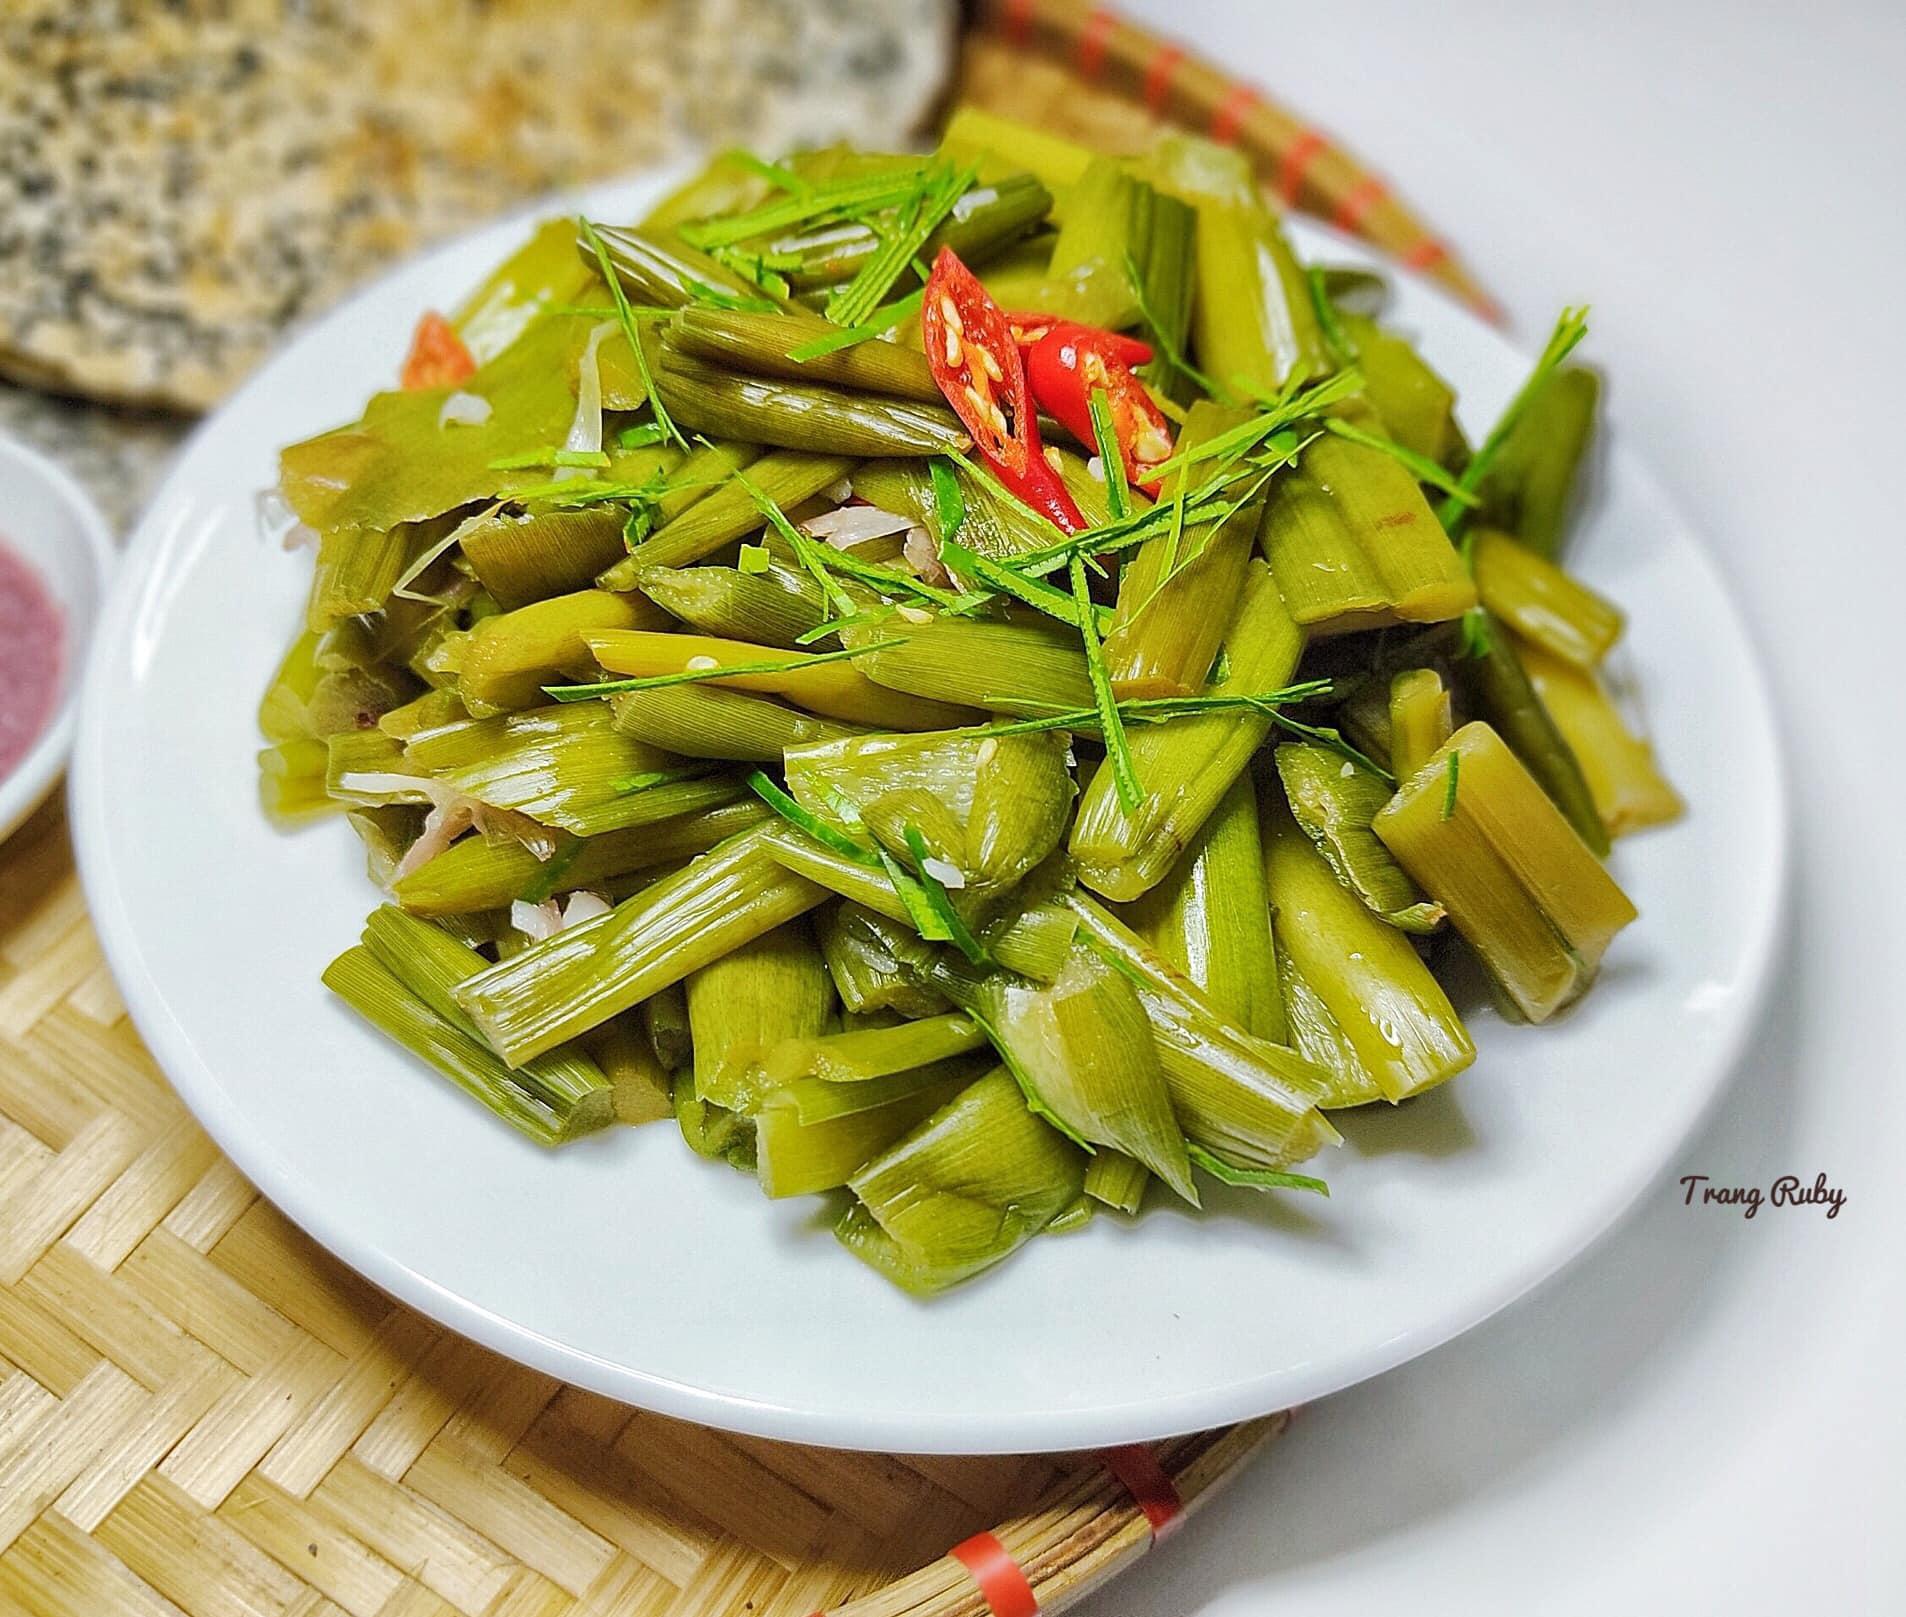 Món dọc mùng muối chua 'dai, giòn sần sật' nức tiếng ở Nghệ An - Ảnh 1.